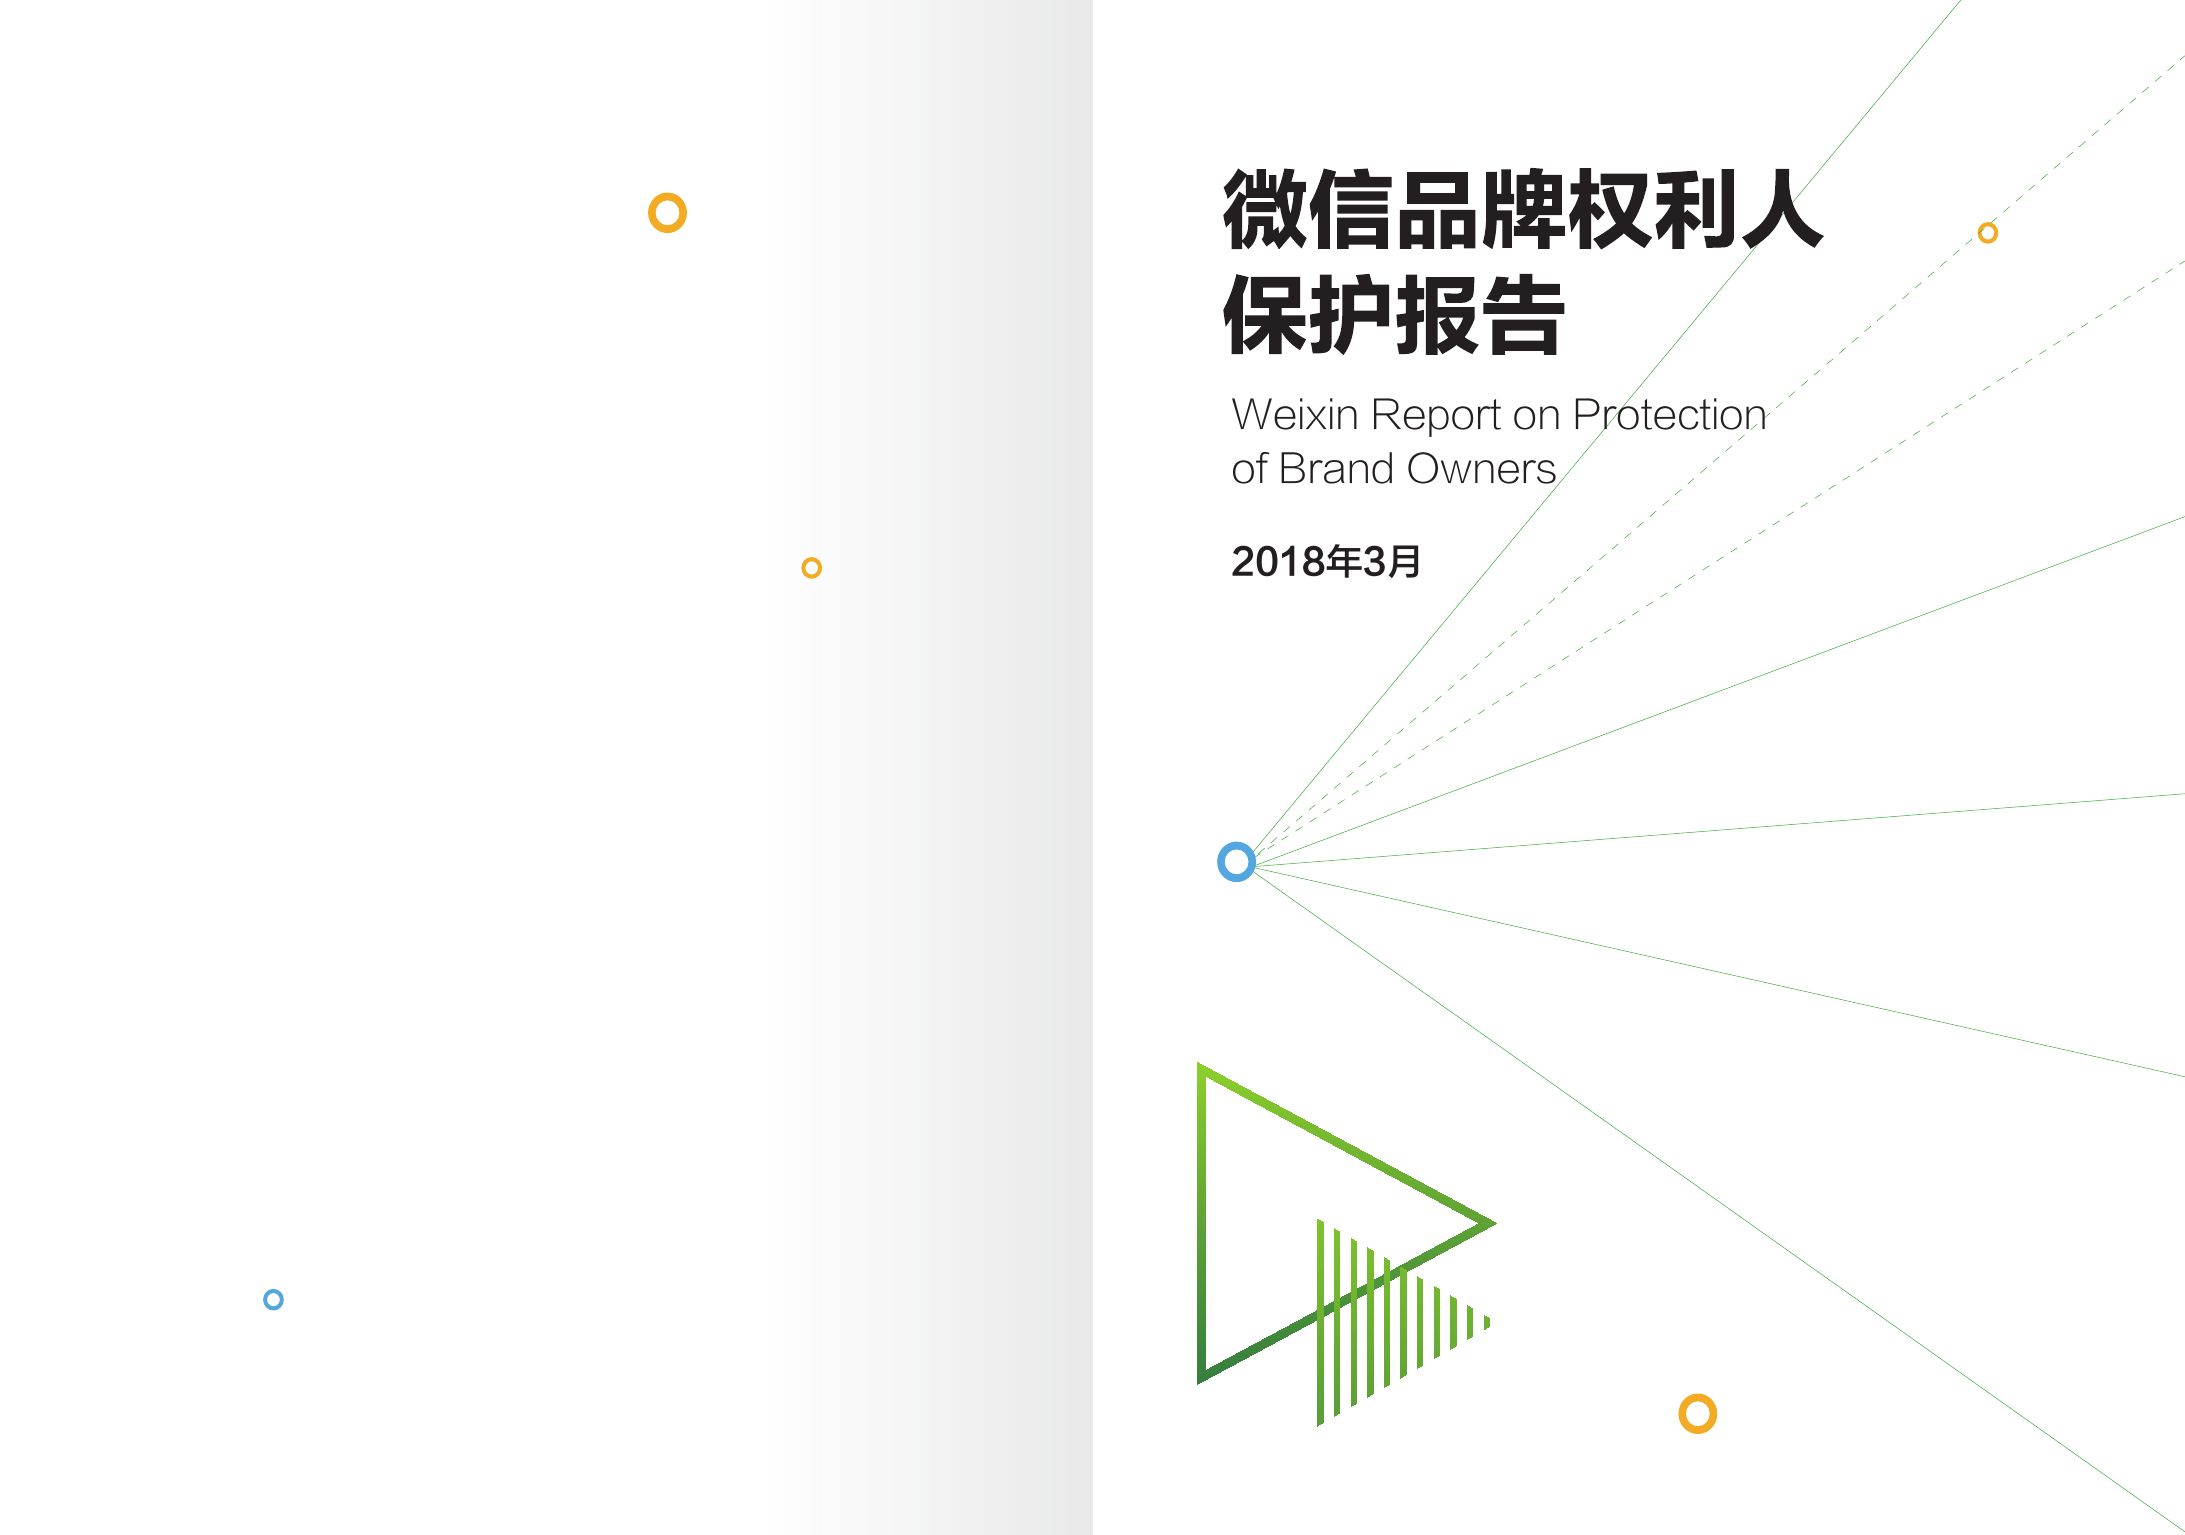 腾讯研究院:2017年微信品牌权利人保护报告(附下载)